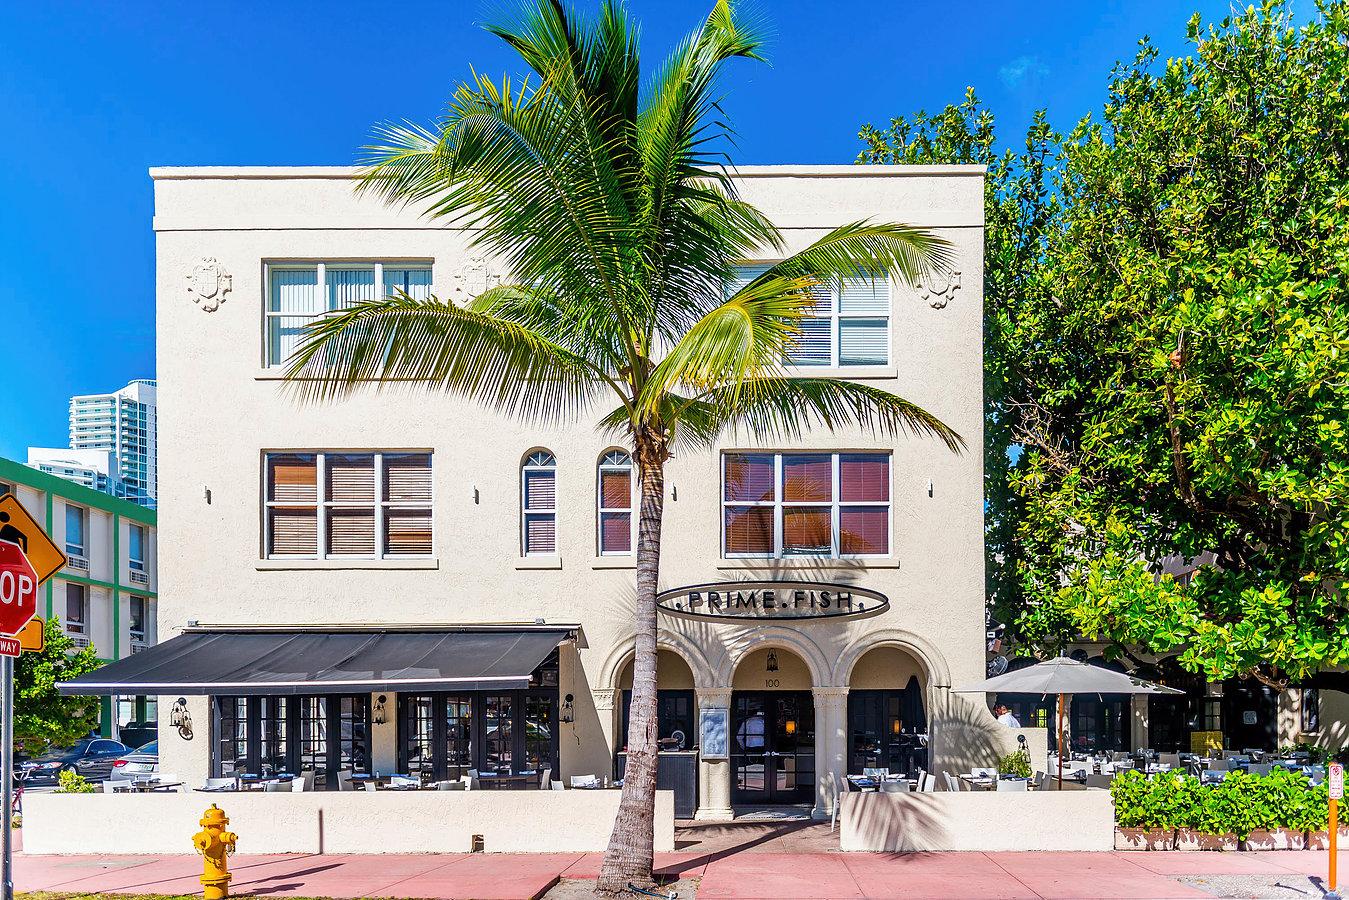 Prime Fish - Miami Beach, FL